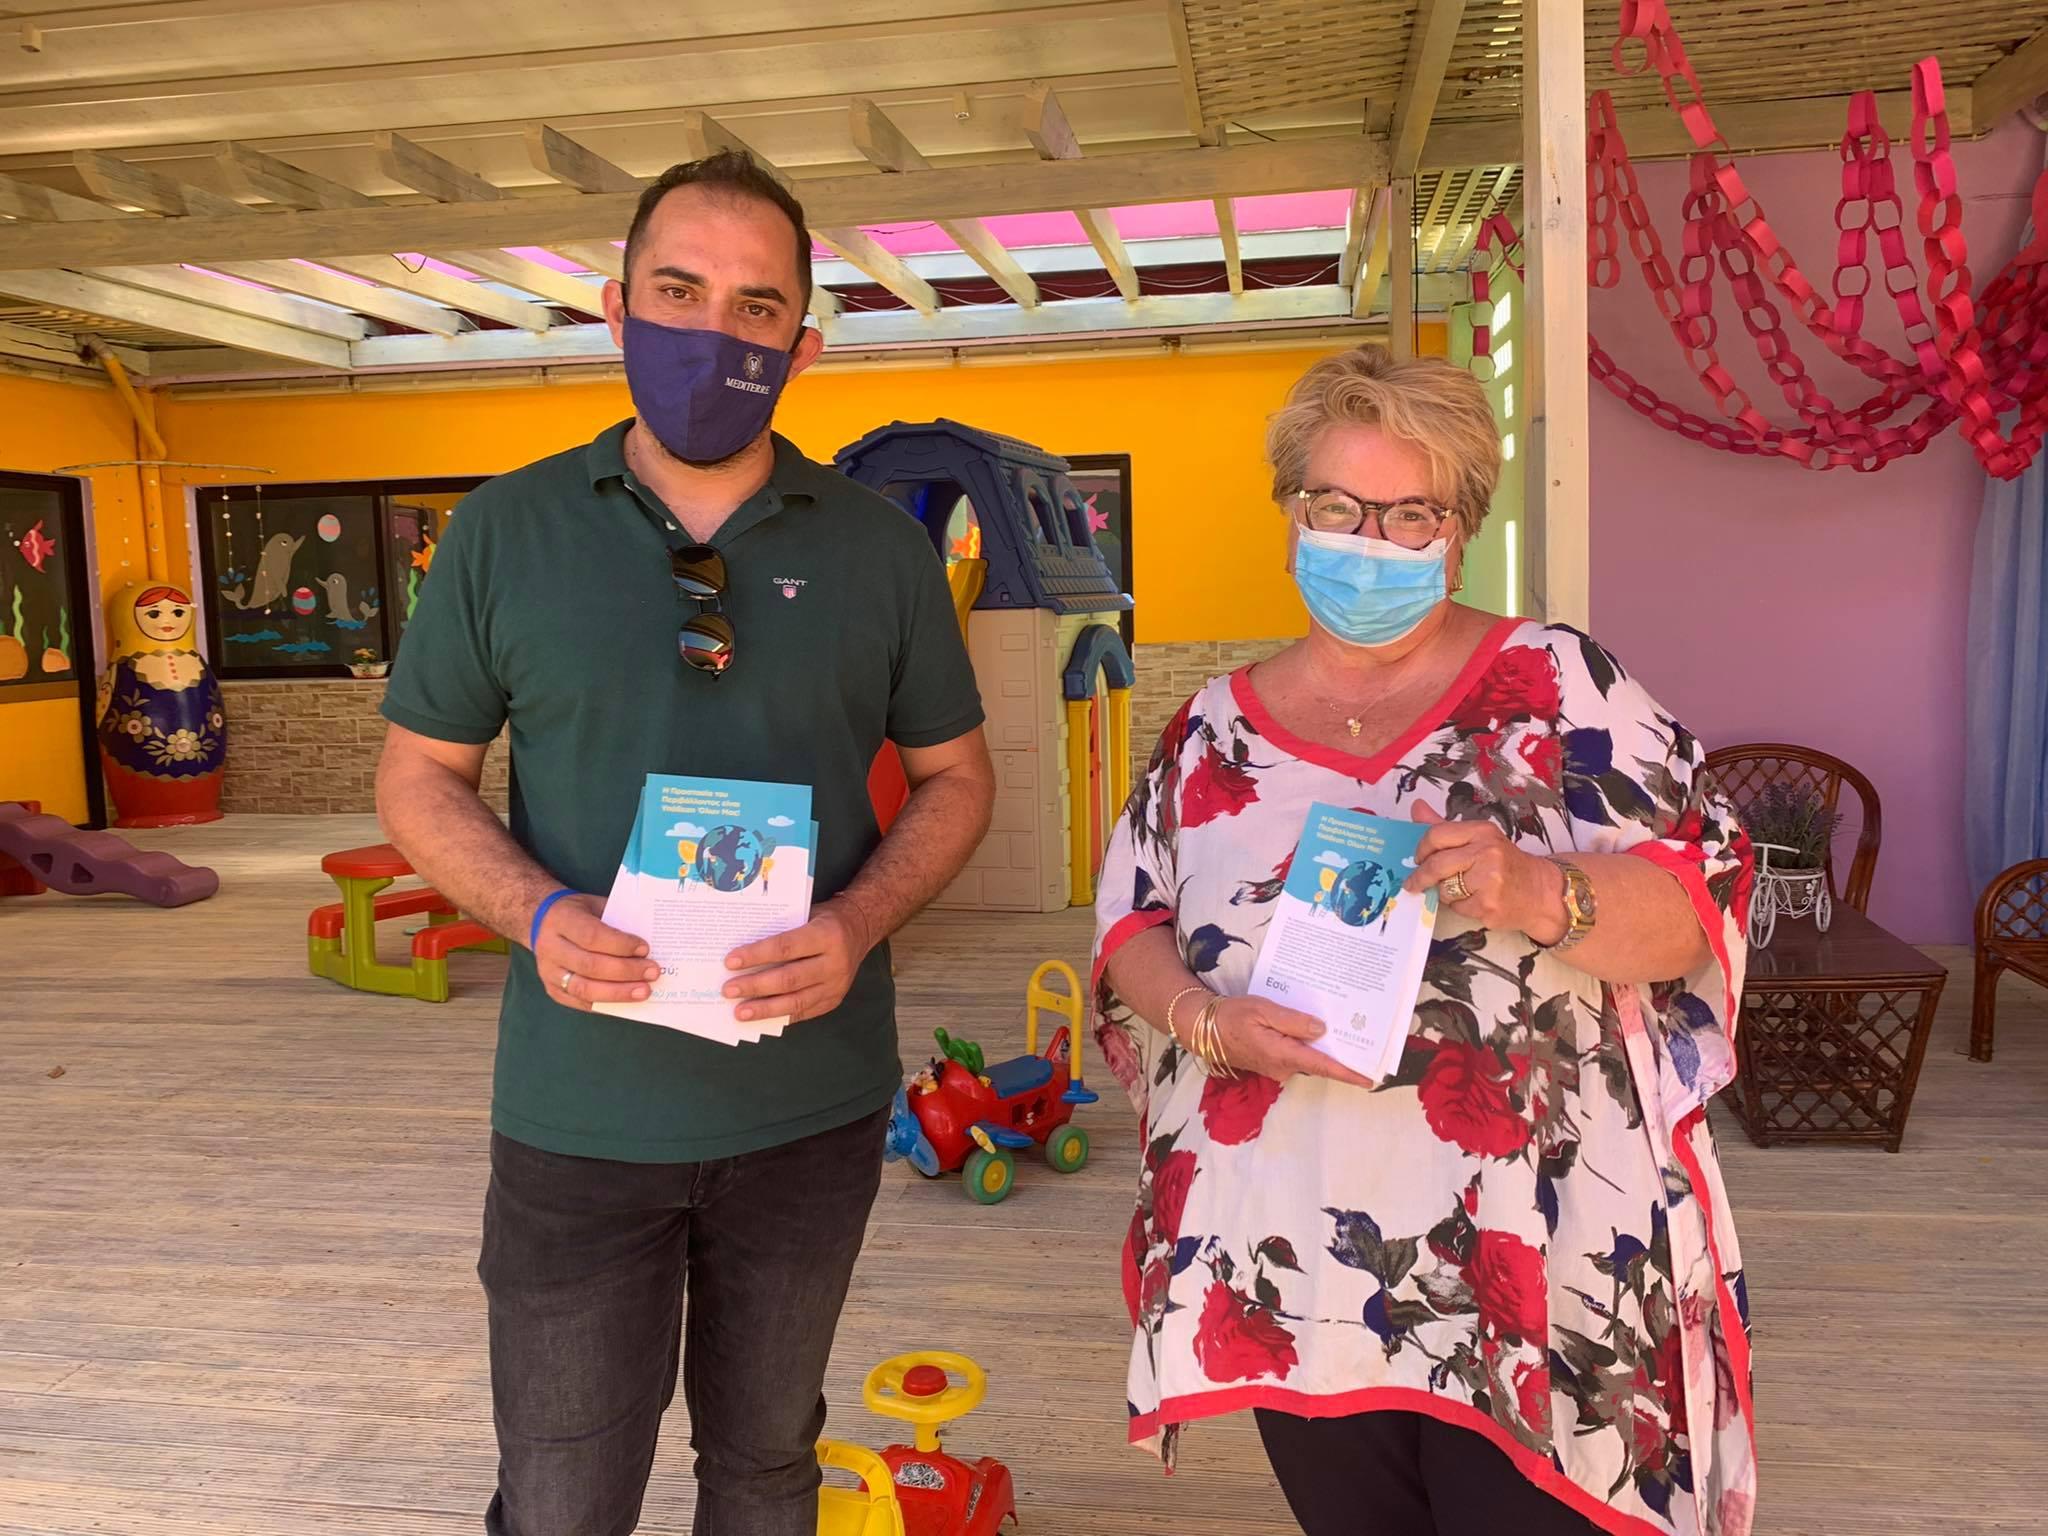 Δήμος Πύργου: Διανομή ενημερωτικών φυλλαδίων για το διήμερο εκδηλώσεων για την Παγκόσμια Ημέρα Περιβάλλοντος (photos)